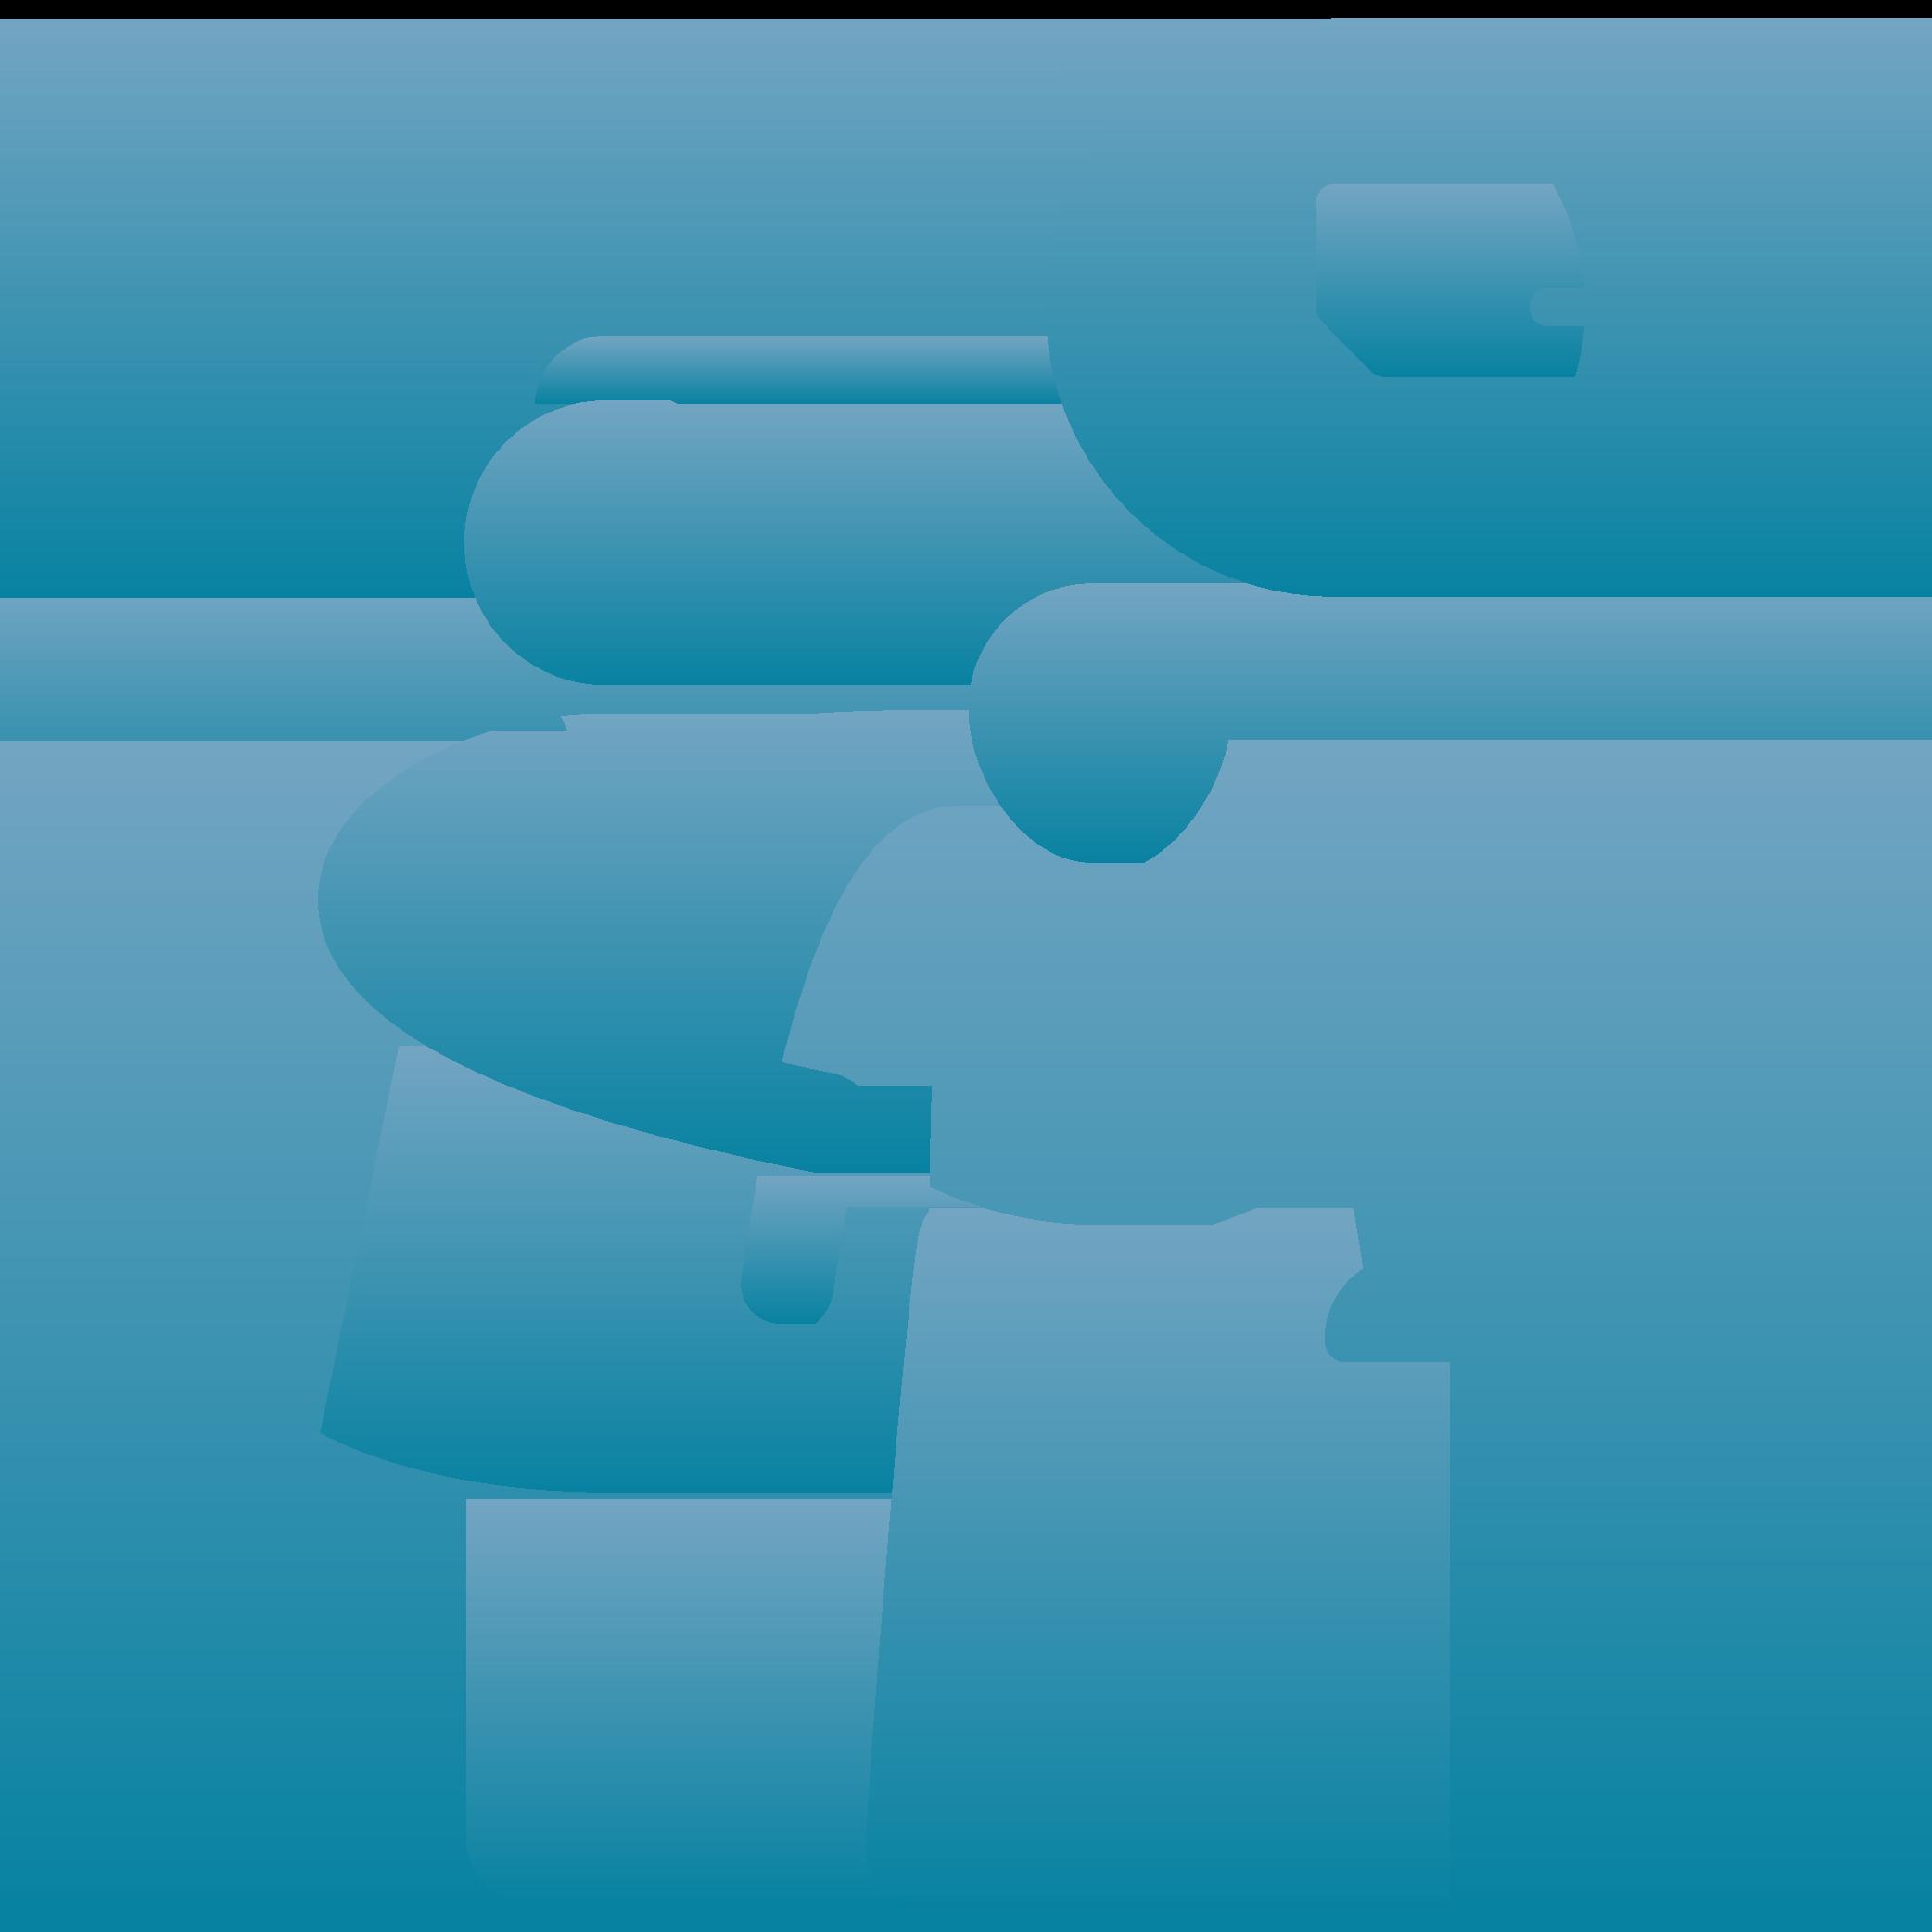 Frau stützt Mann mit Gehstock, über ihnen befindet sich eine Uhr.